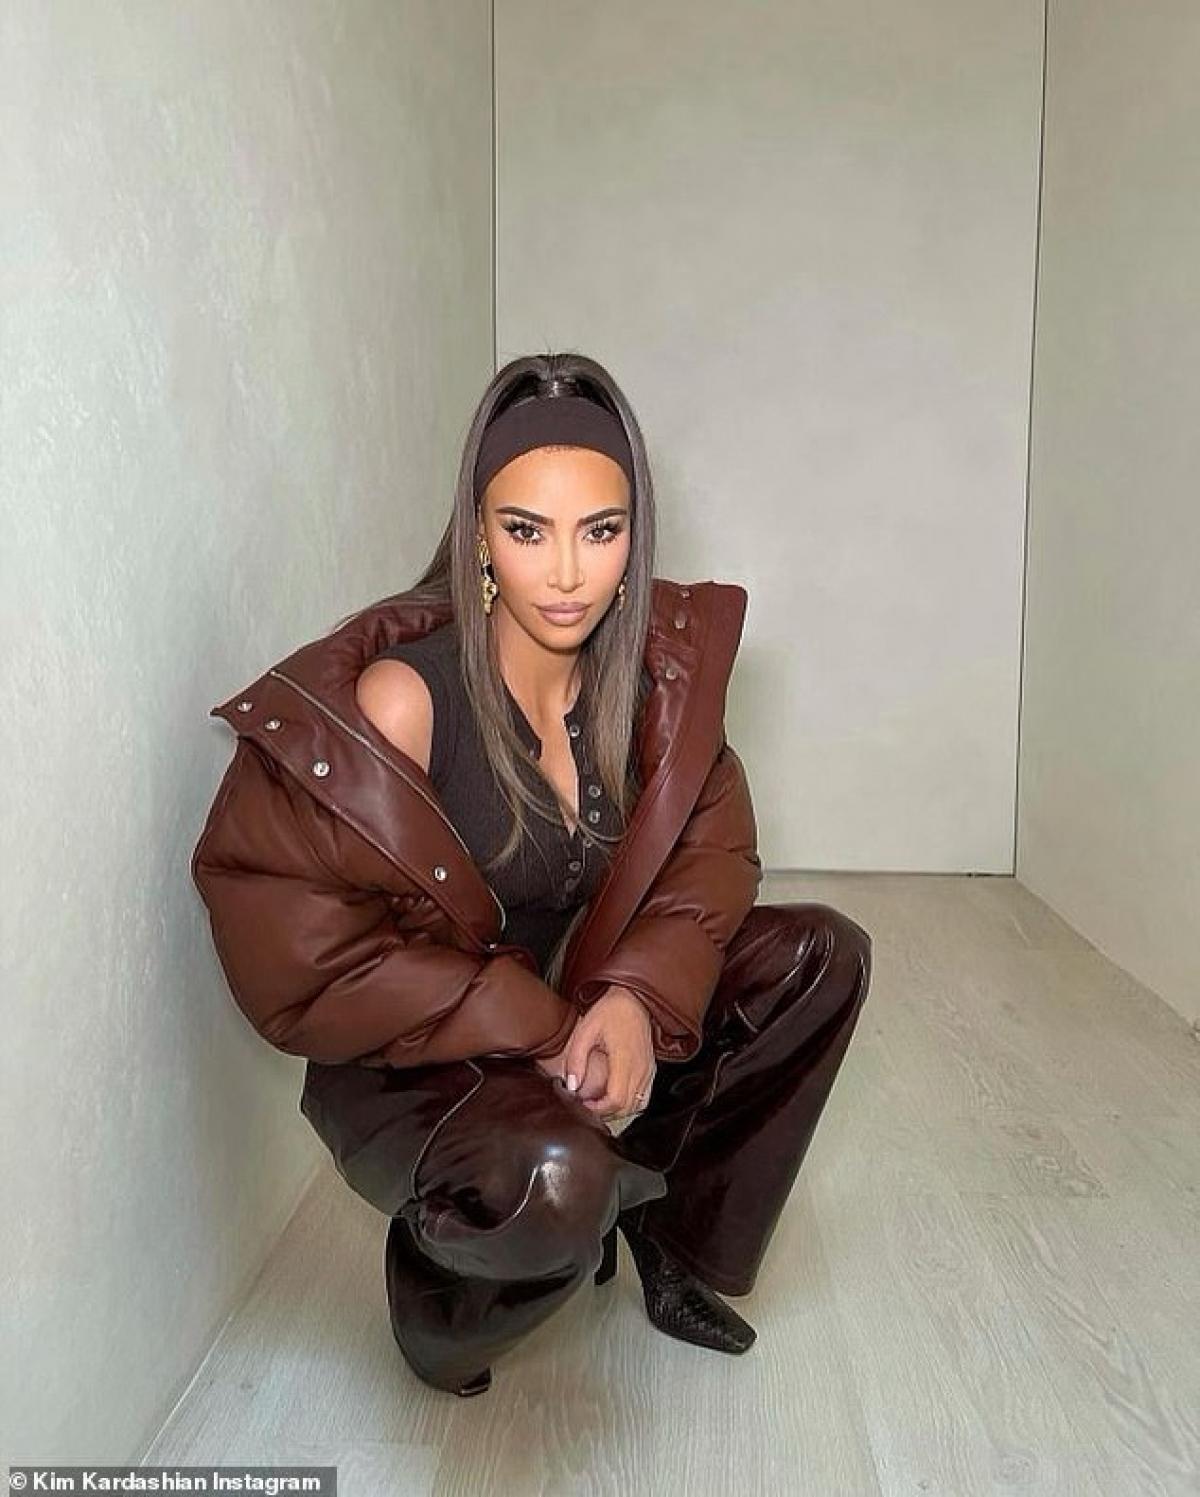 Màn tái xuất ấn tượng của Kim Kardashian nhận được nhiều sự quan tâm của công chúng.